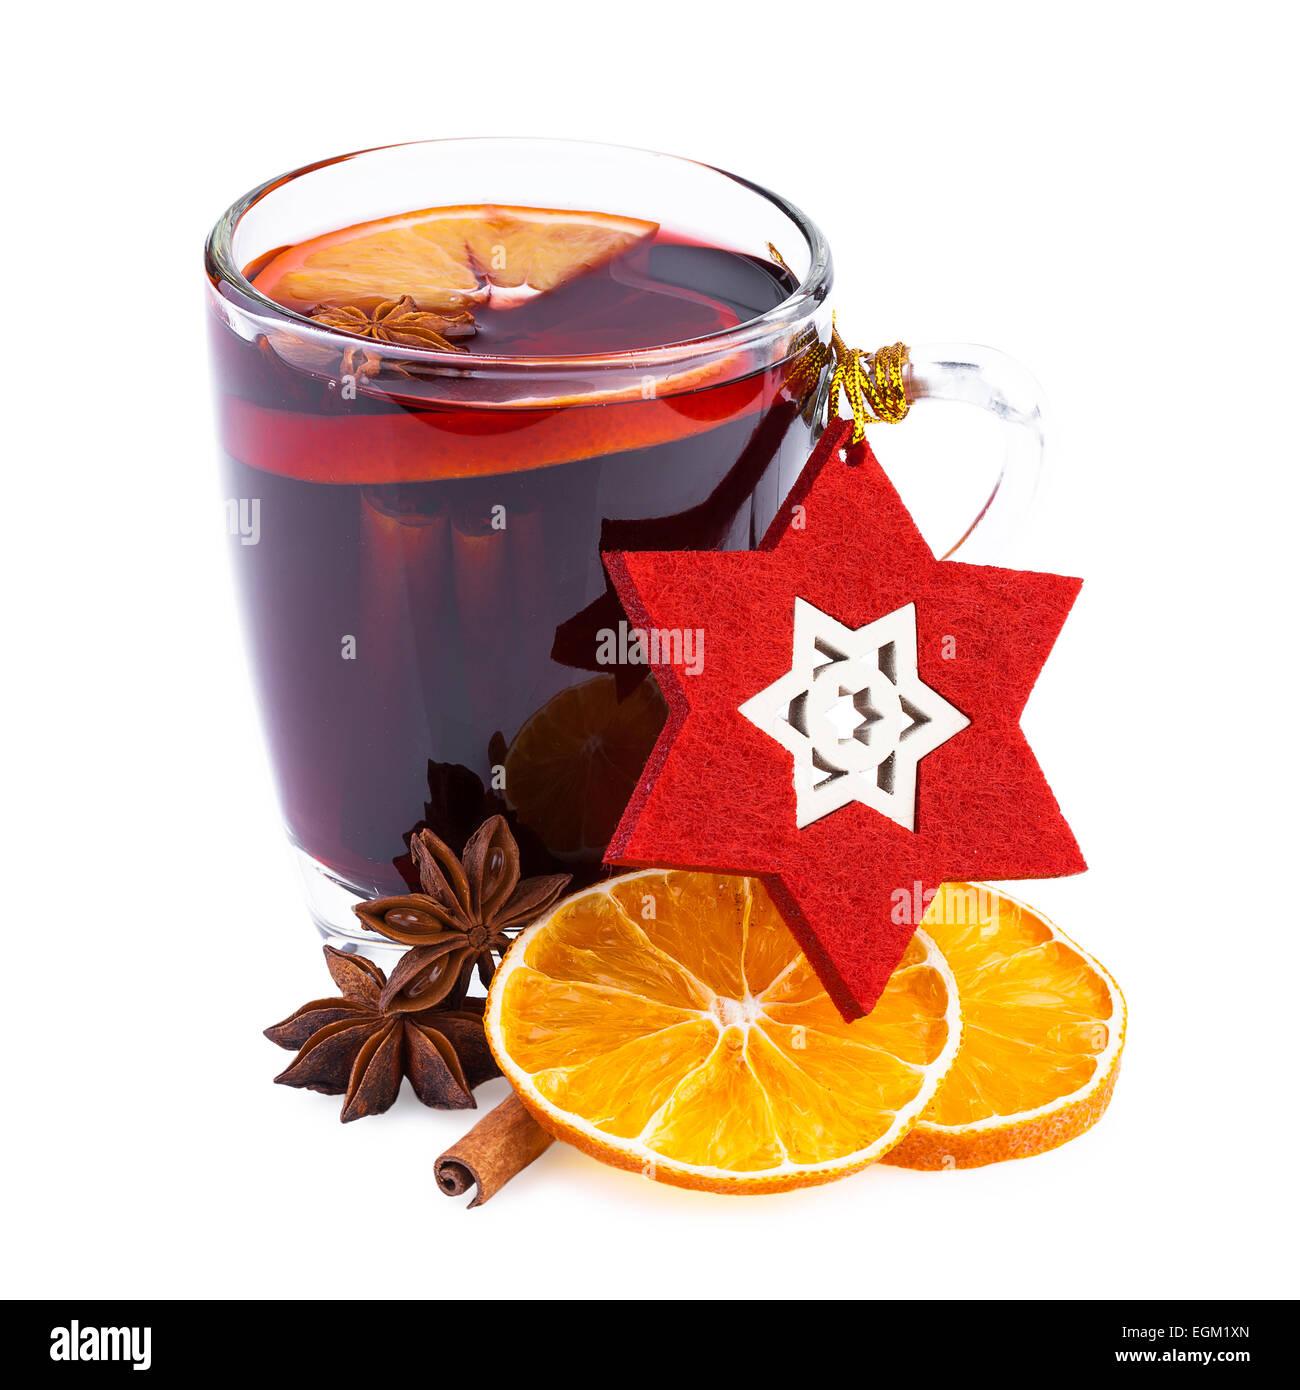 Weihnachten Glühwein Wein Punsch heiß Alkohol Stockfoto